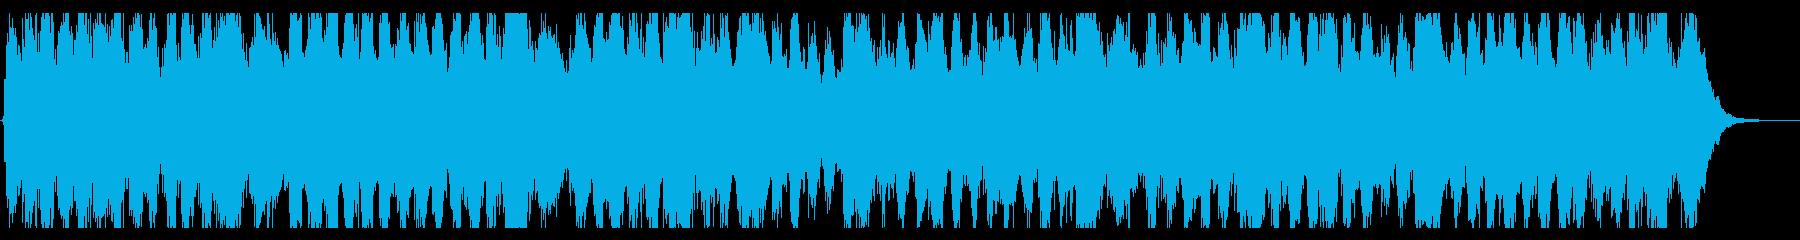 ベートーベン「第九」原曲オケ有名部分の再生済みの波形